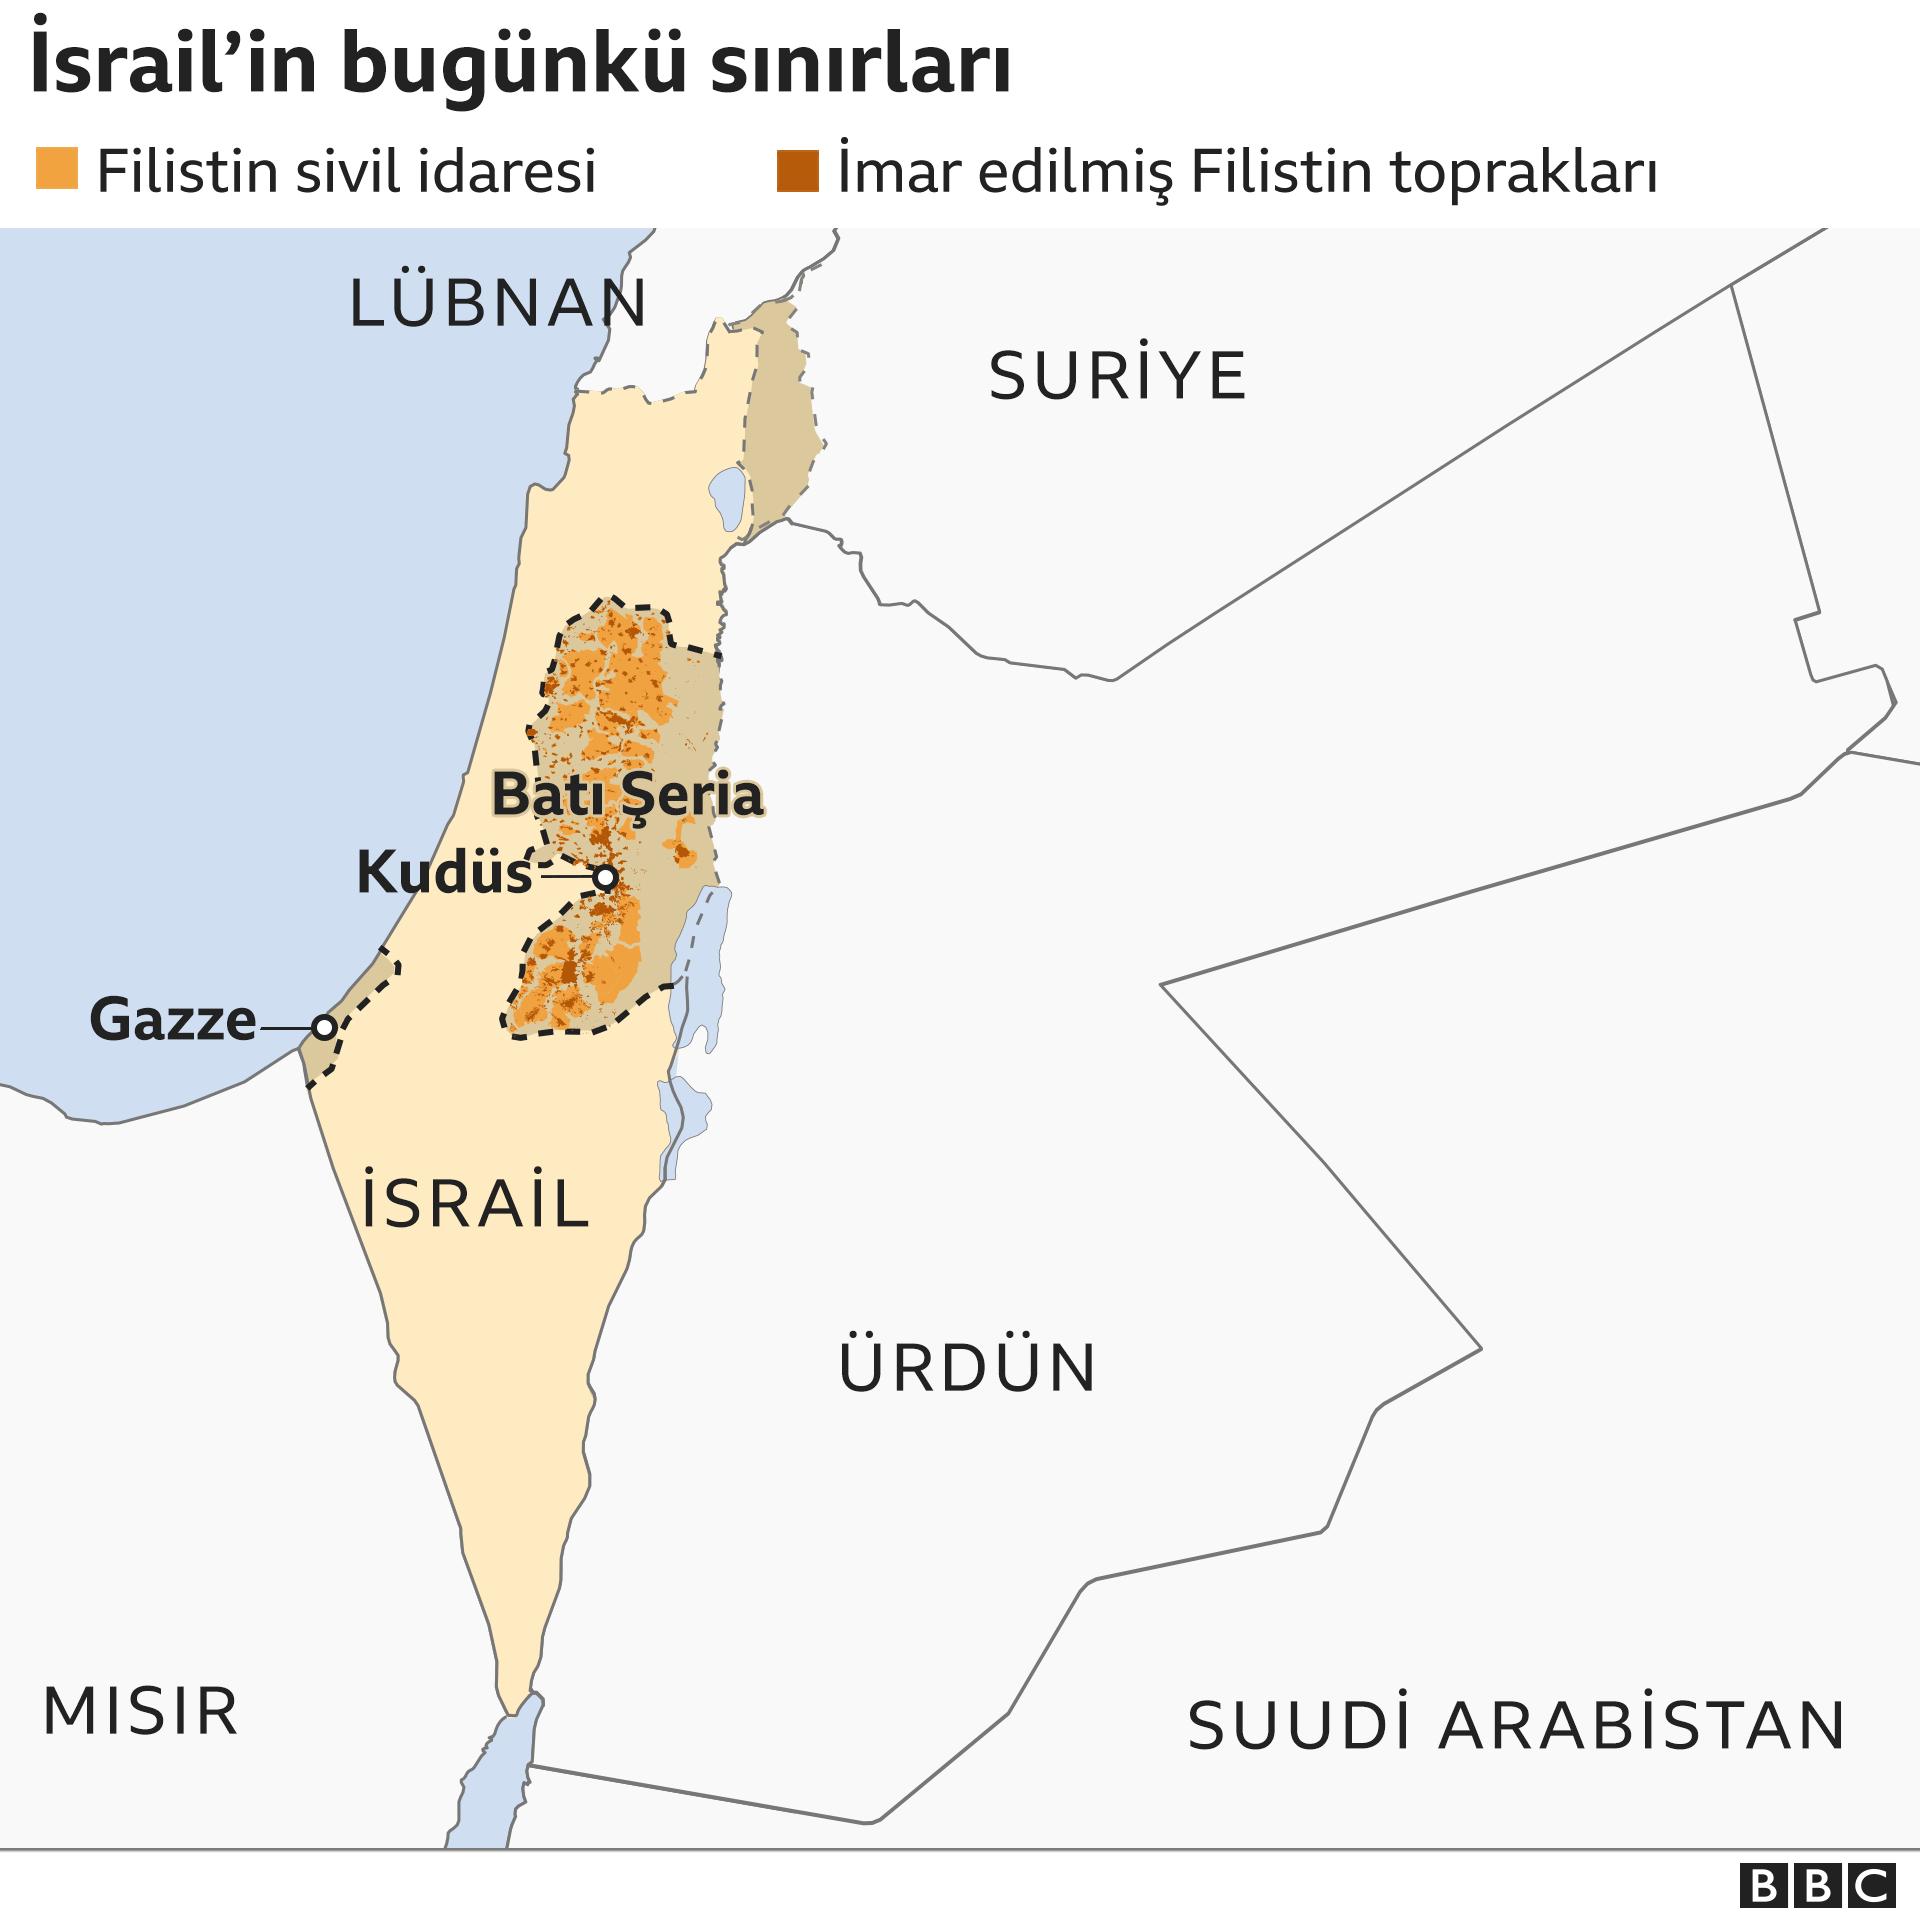 harita 6